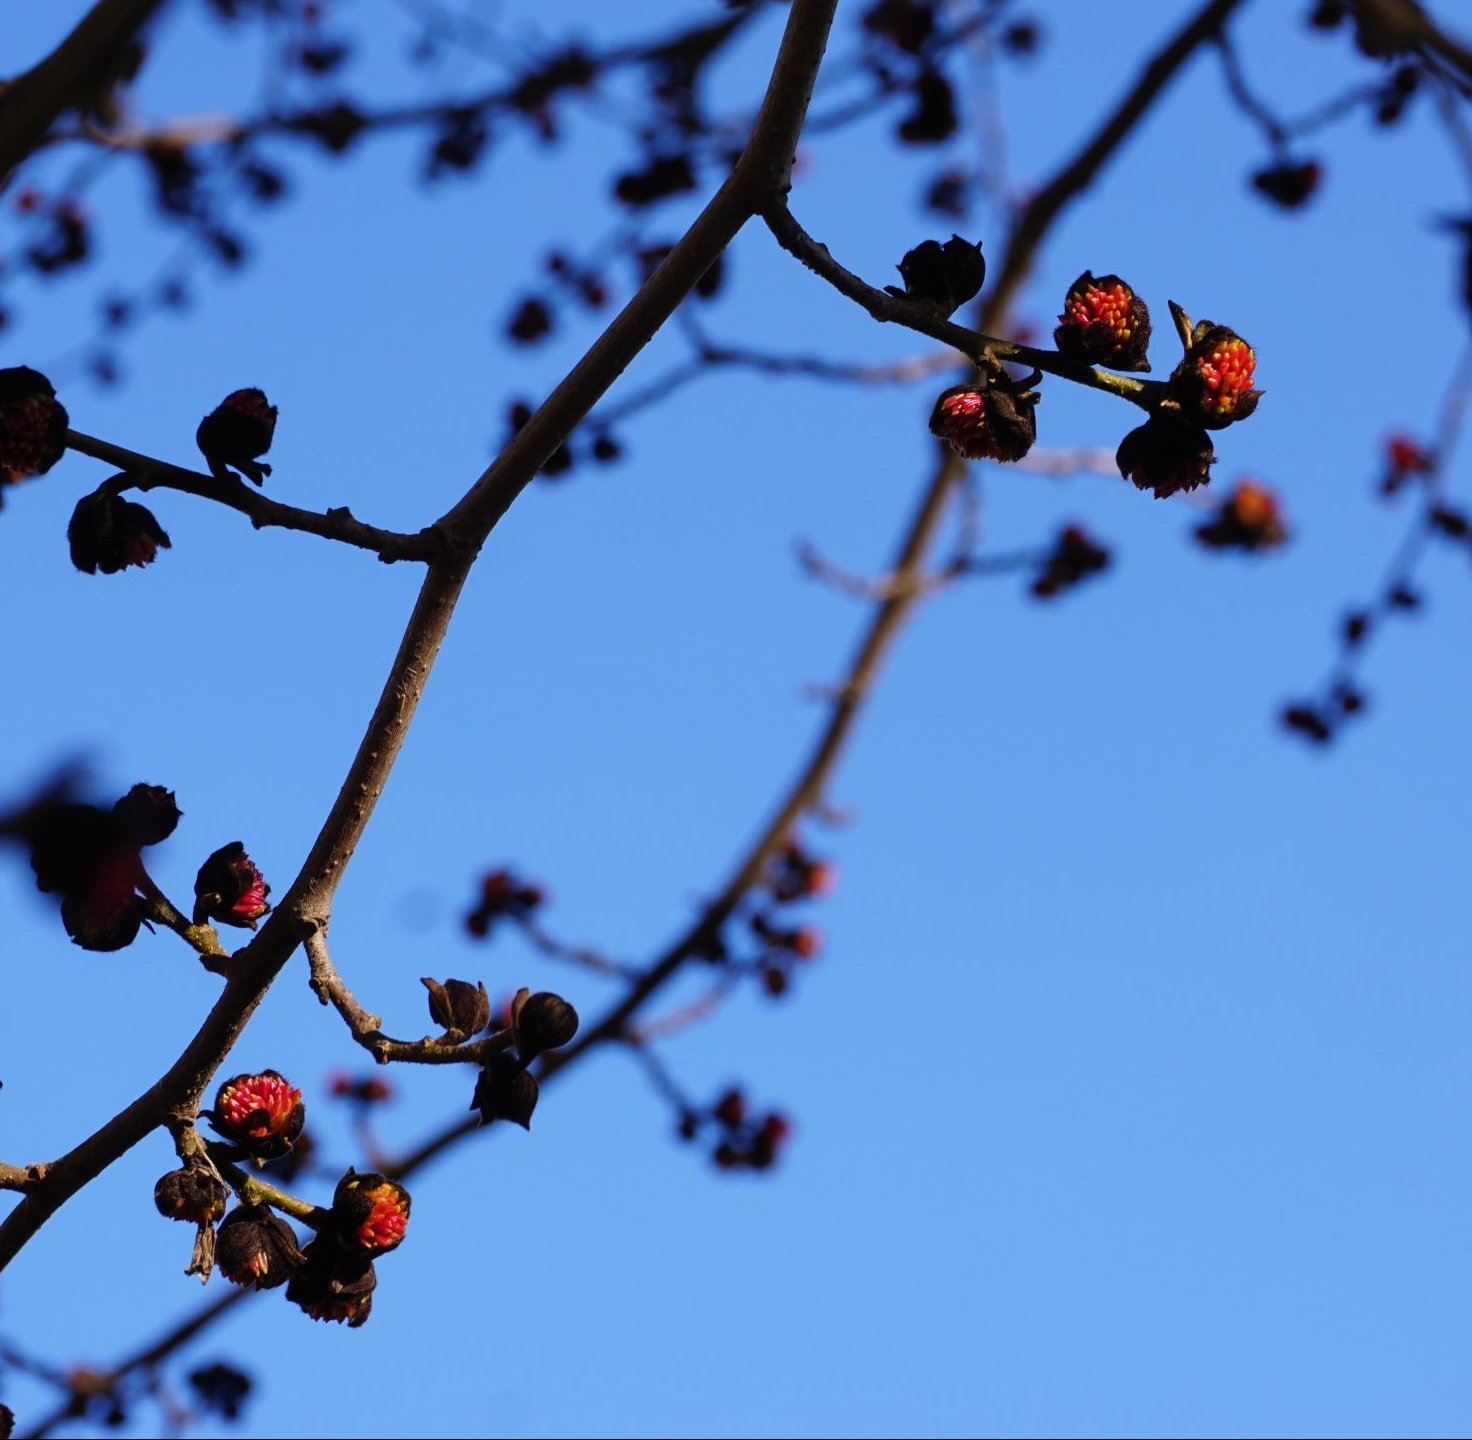 Das Bild zeigt die Blüten der Parrotie, wie sie schon Ende Januar aus den Knospen brechen, hier an einem Baum im Kosmosviertel, Januar 2021. Hauptblühzeit ist dann Februar. Dabei ragen rote Staubblätter dicht aus den Blüten.